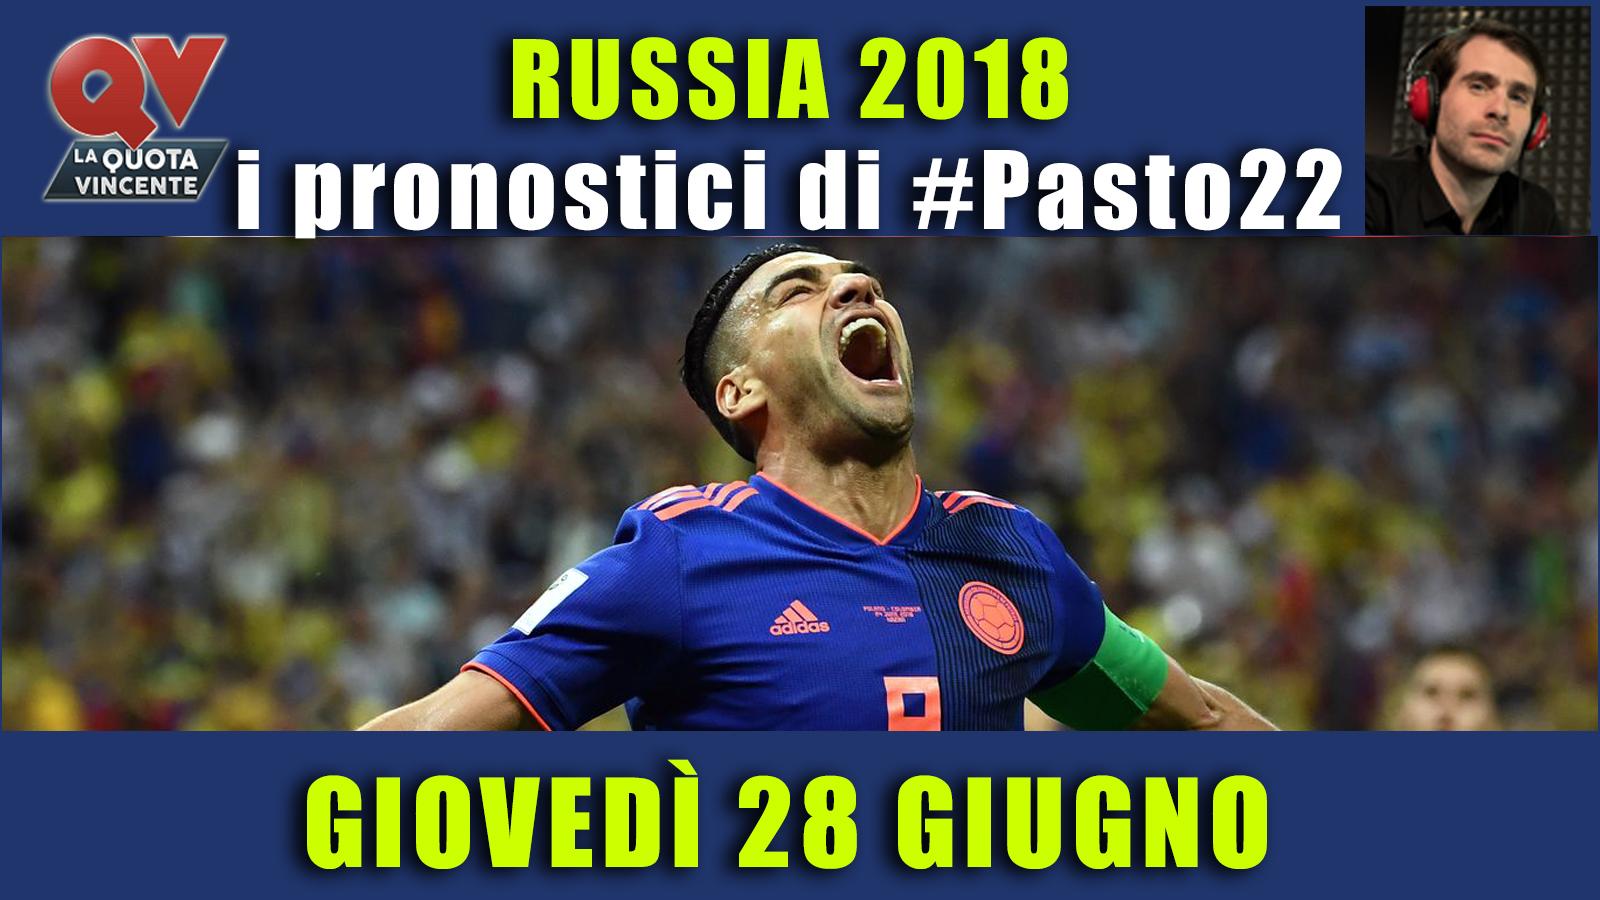 Pronostici Mondiali 28 giugno: le dritte di #Pasto22 a Russia 2018